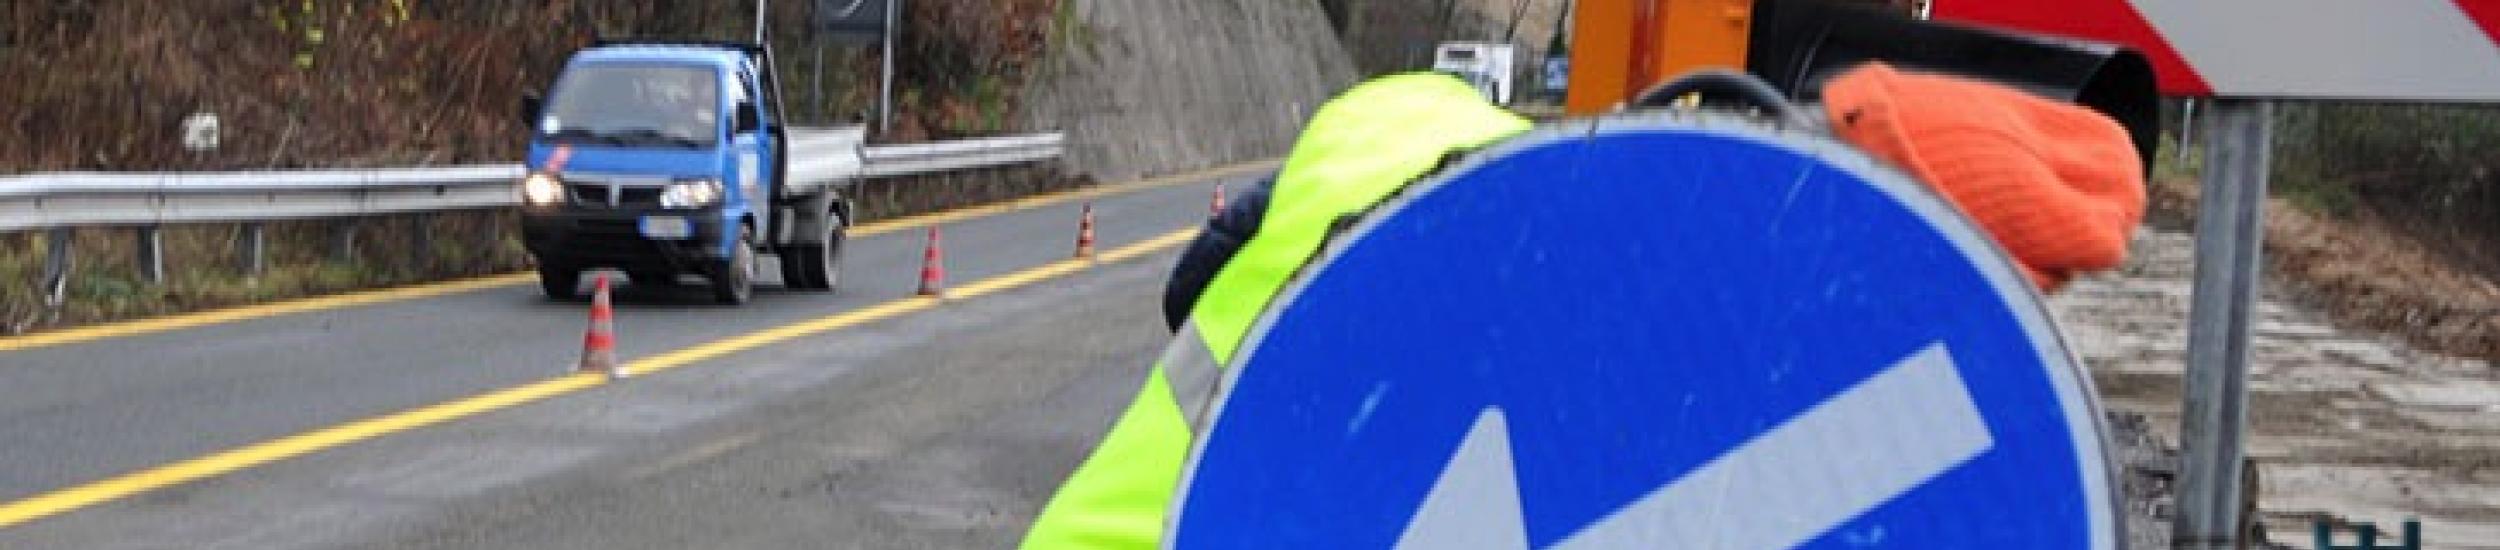 News: Mezzanego, senso unico alternato al km 62 della sp 586 della val d'aveto